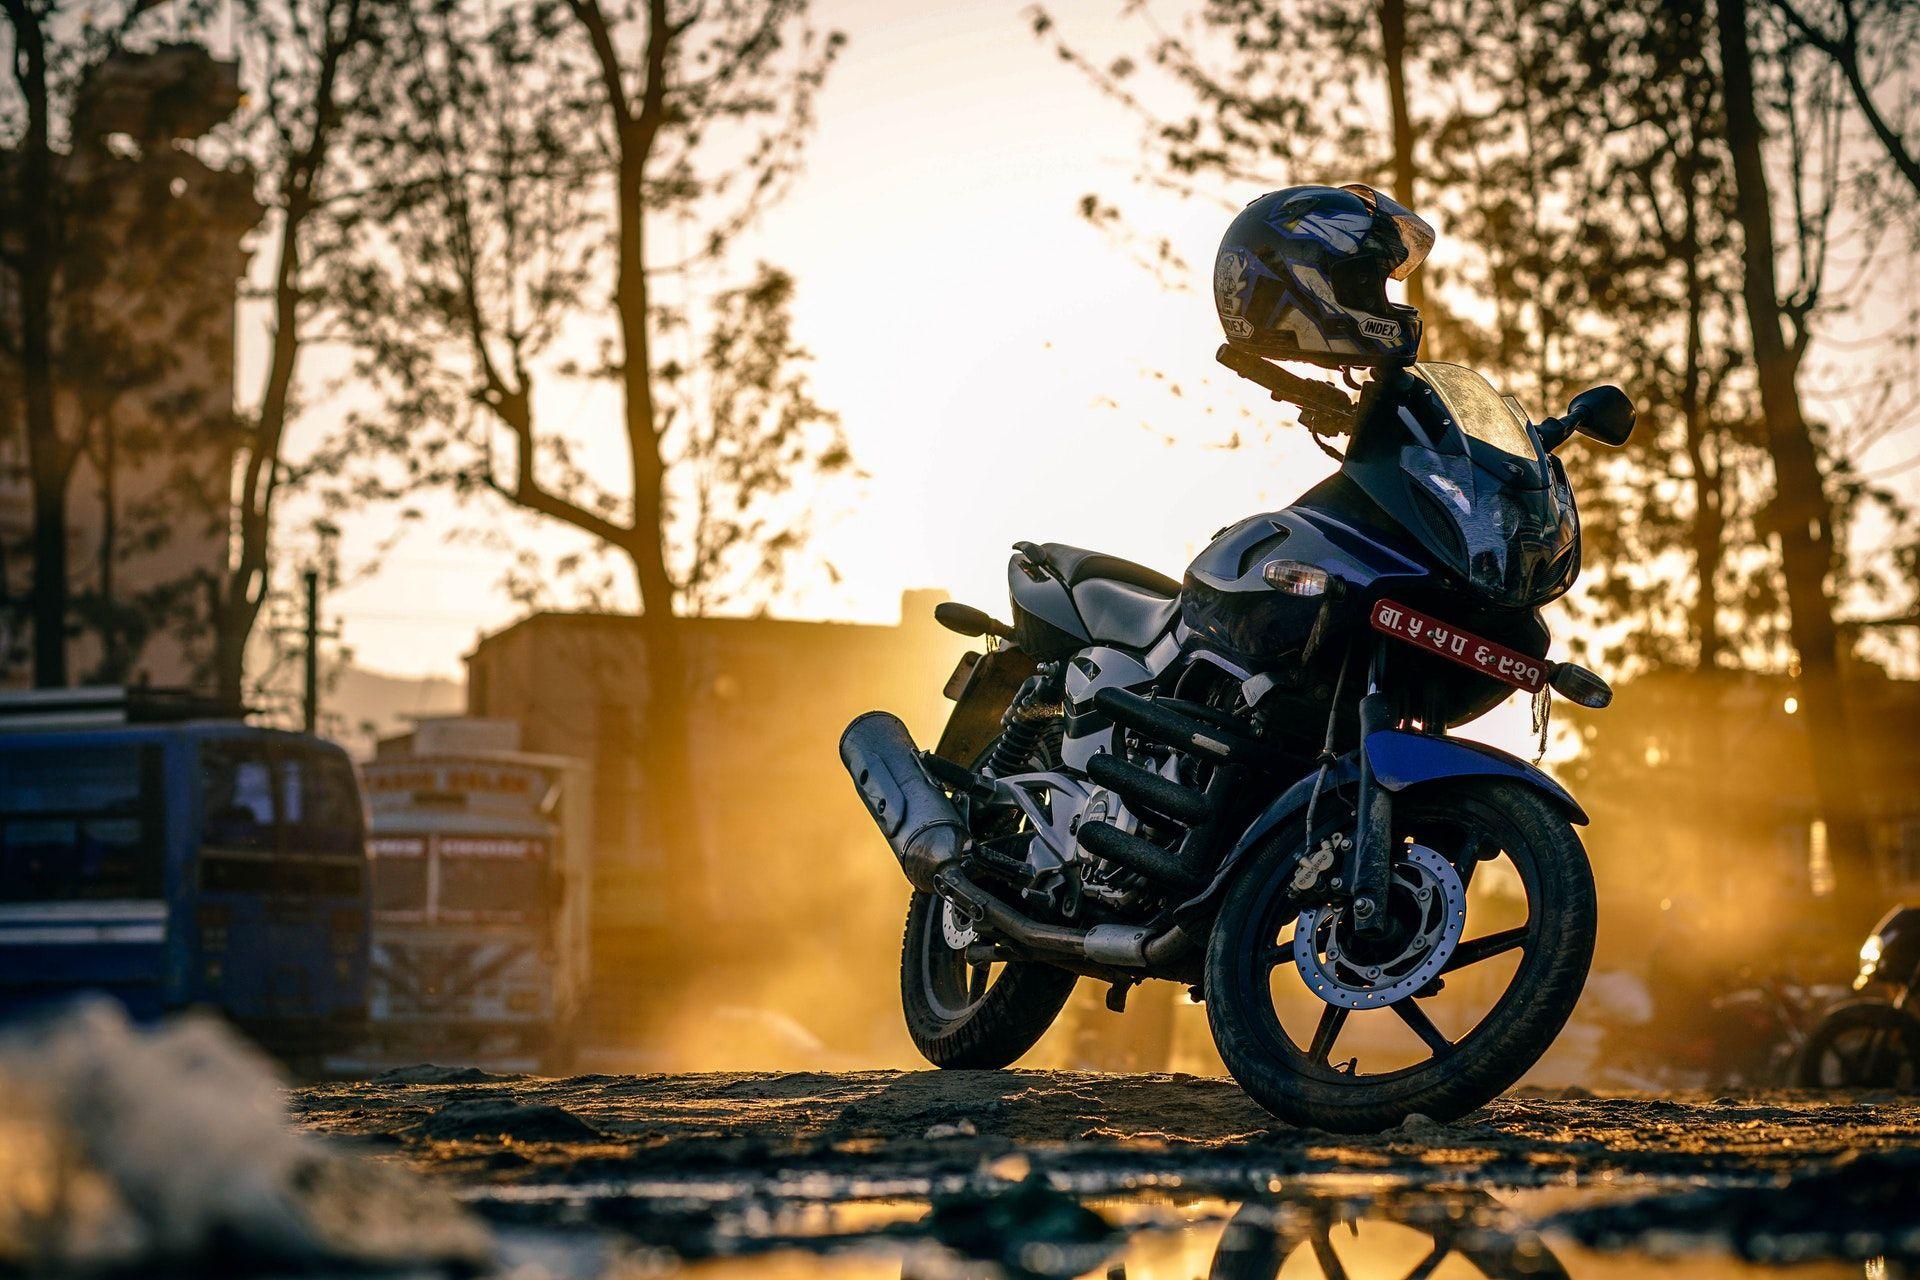 عکس زمینه موتور سیکلت در غروب پس زمینه